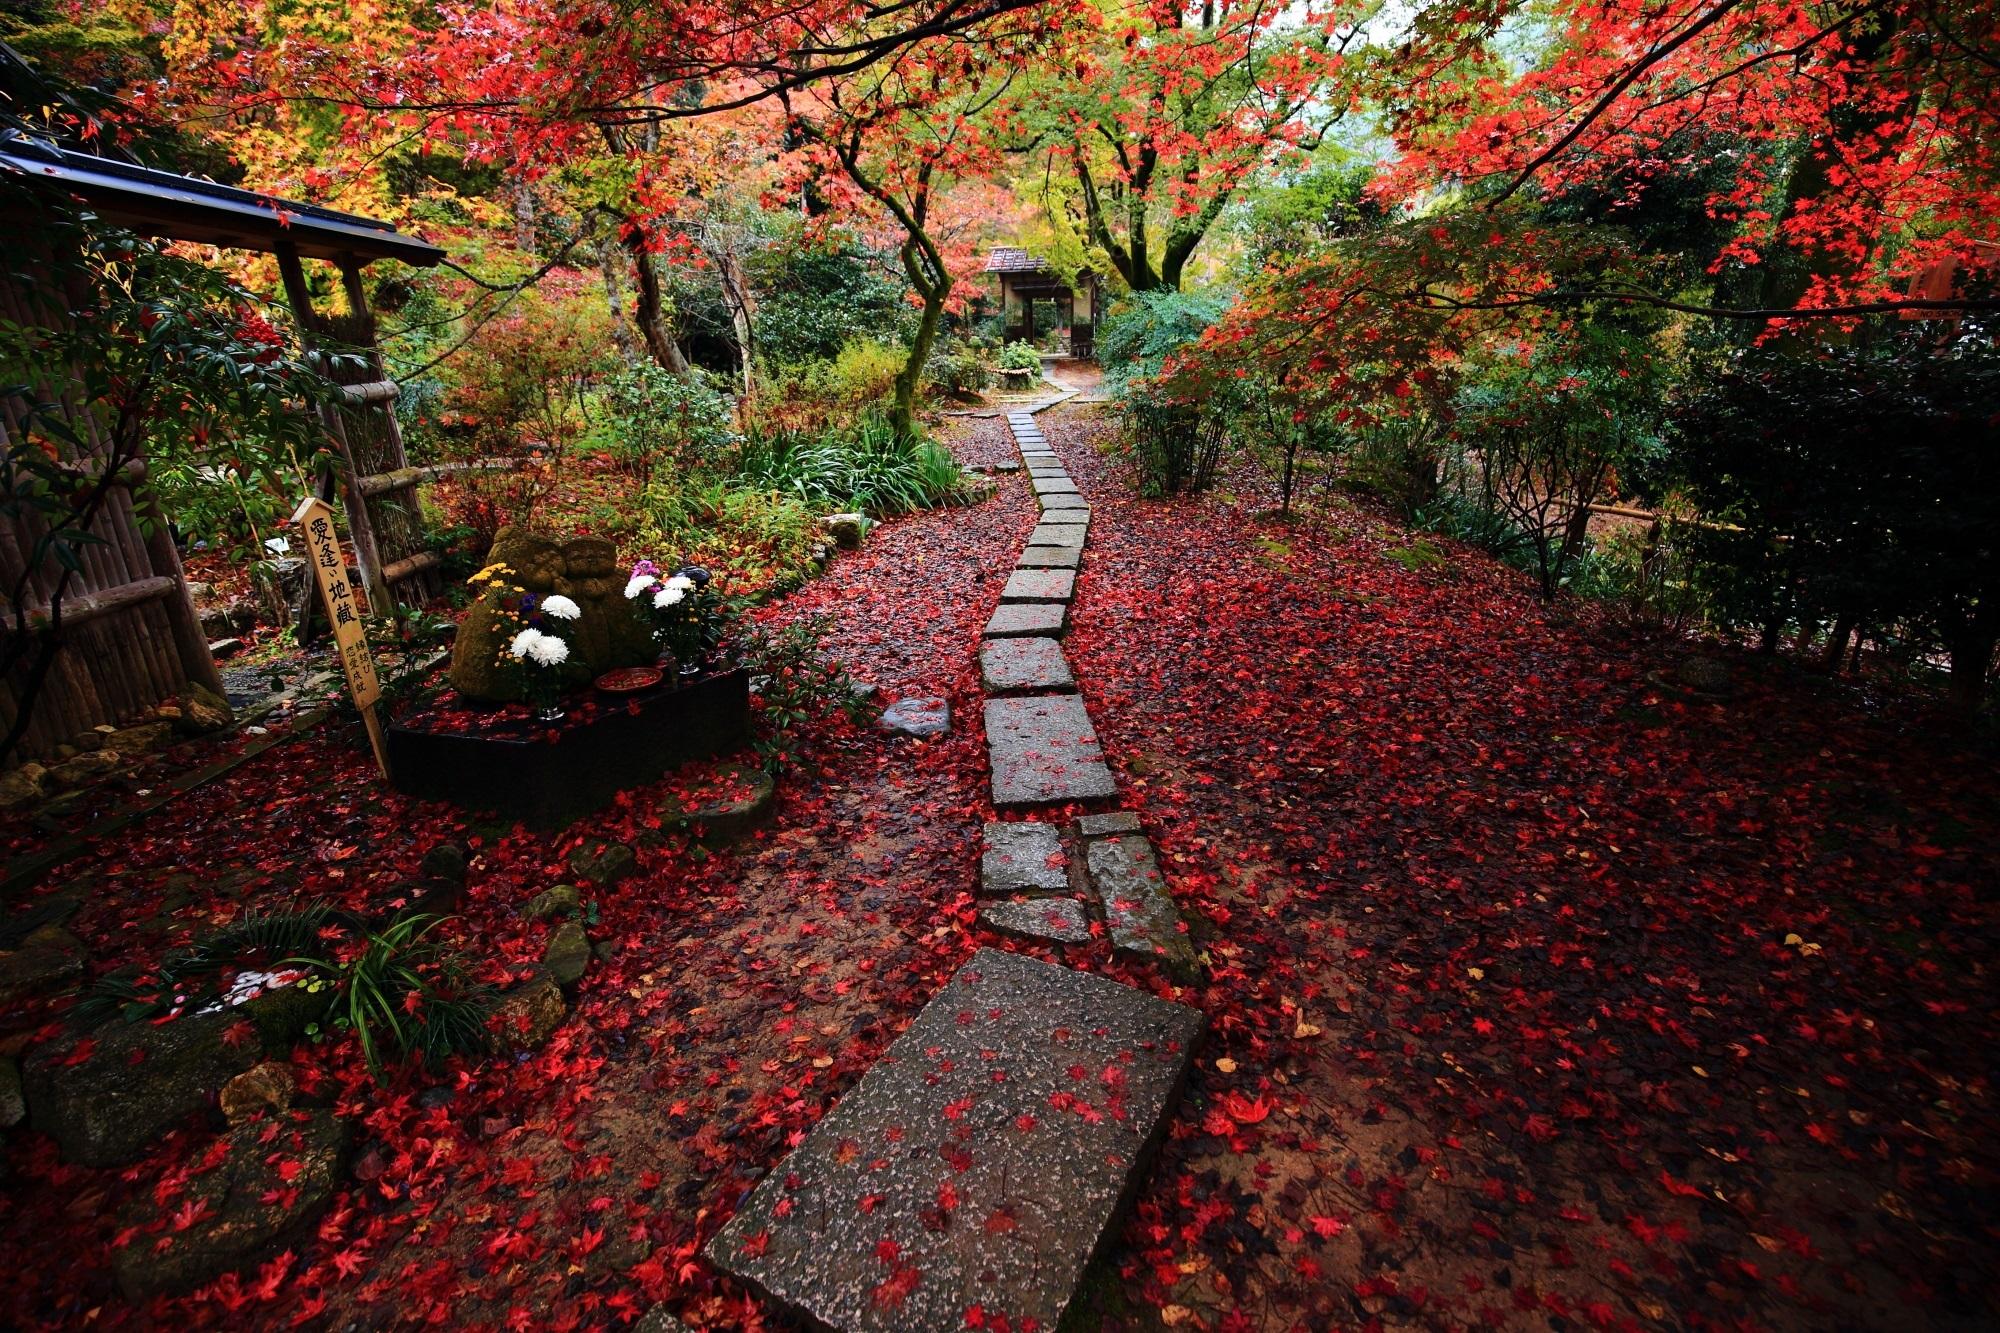 直指庵(じきしあん) 紅葉 雨の美しい散りもみじ